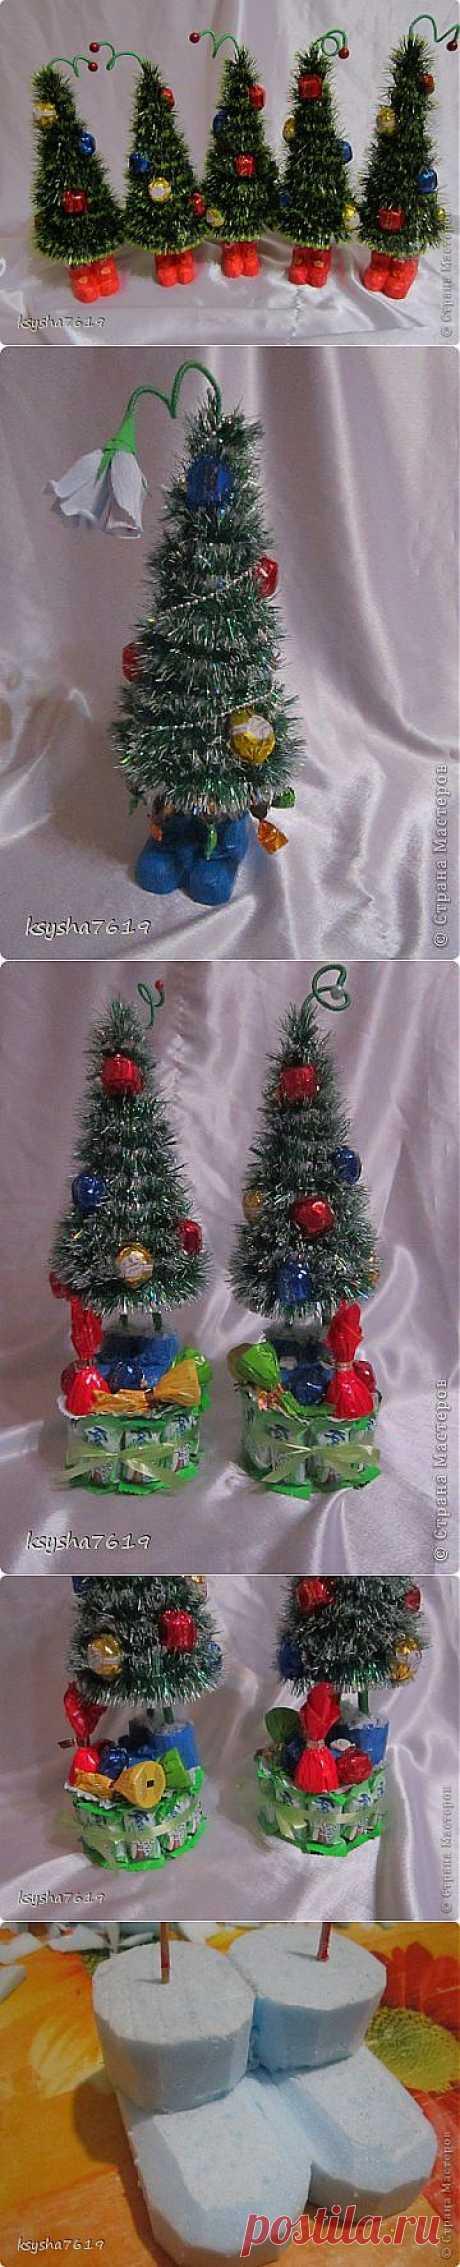 La parada del árbol de Noel (es mucha foto) y mini la clase maestra | el País de los Maestros